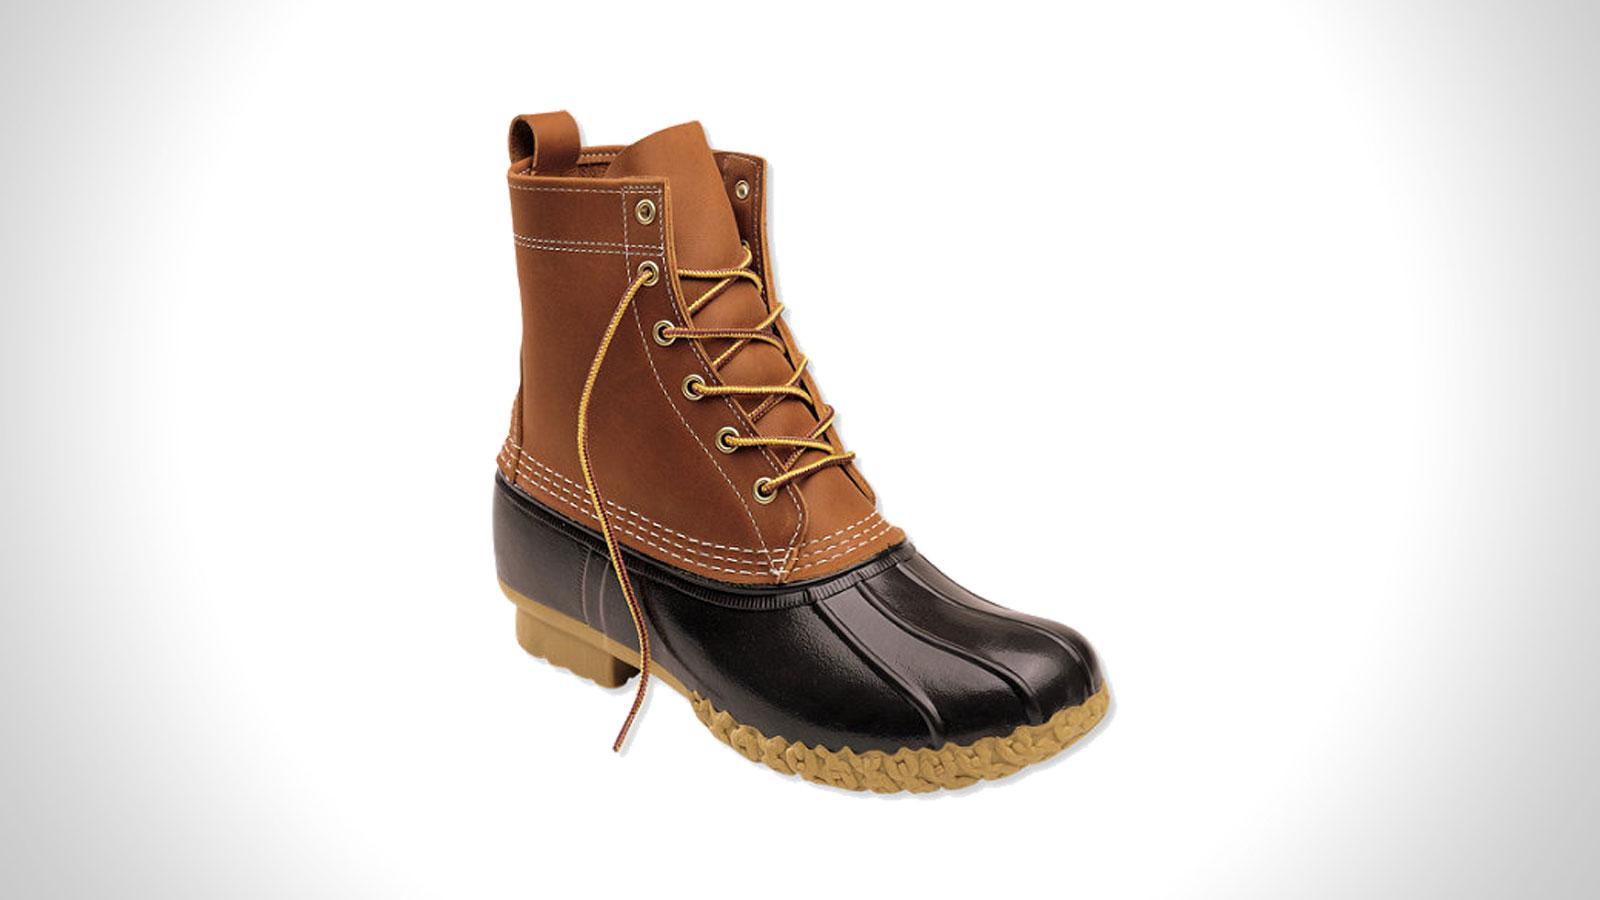 L.L. Bean Bean Boot Duck Boot | the best men's waterproof boots